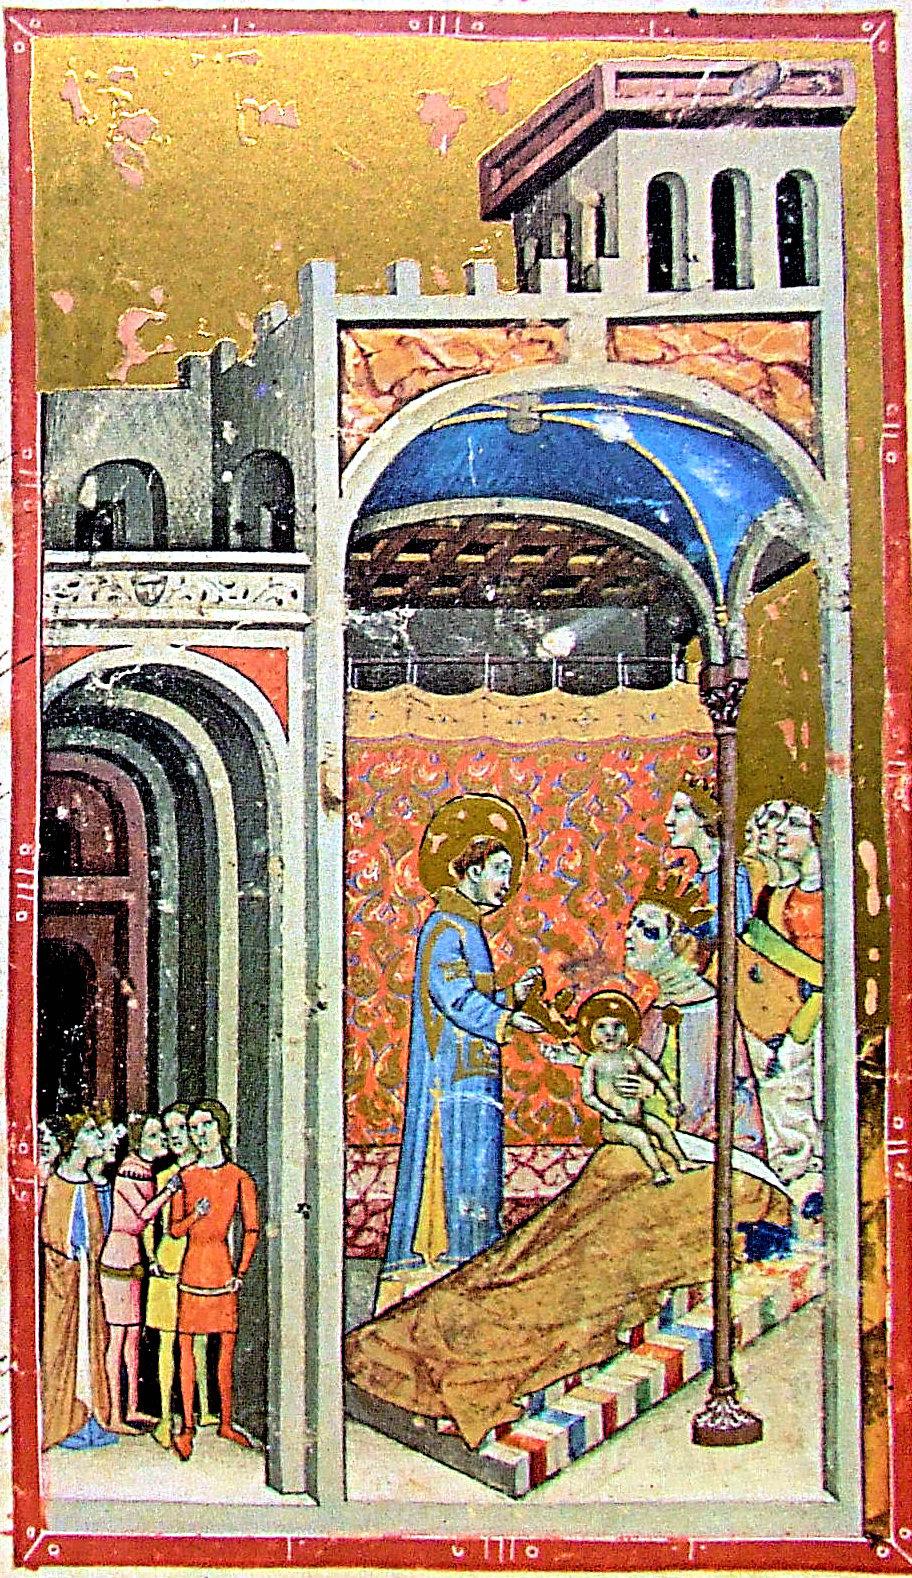 Narodziny Stefana przedstawione w Kronice ilustrowanej, XIV w.